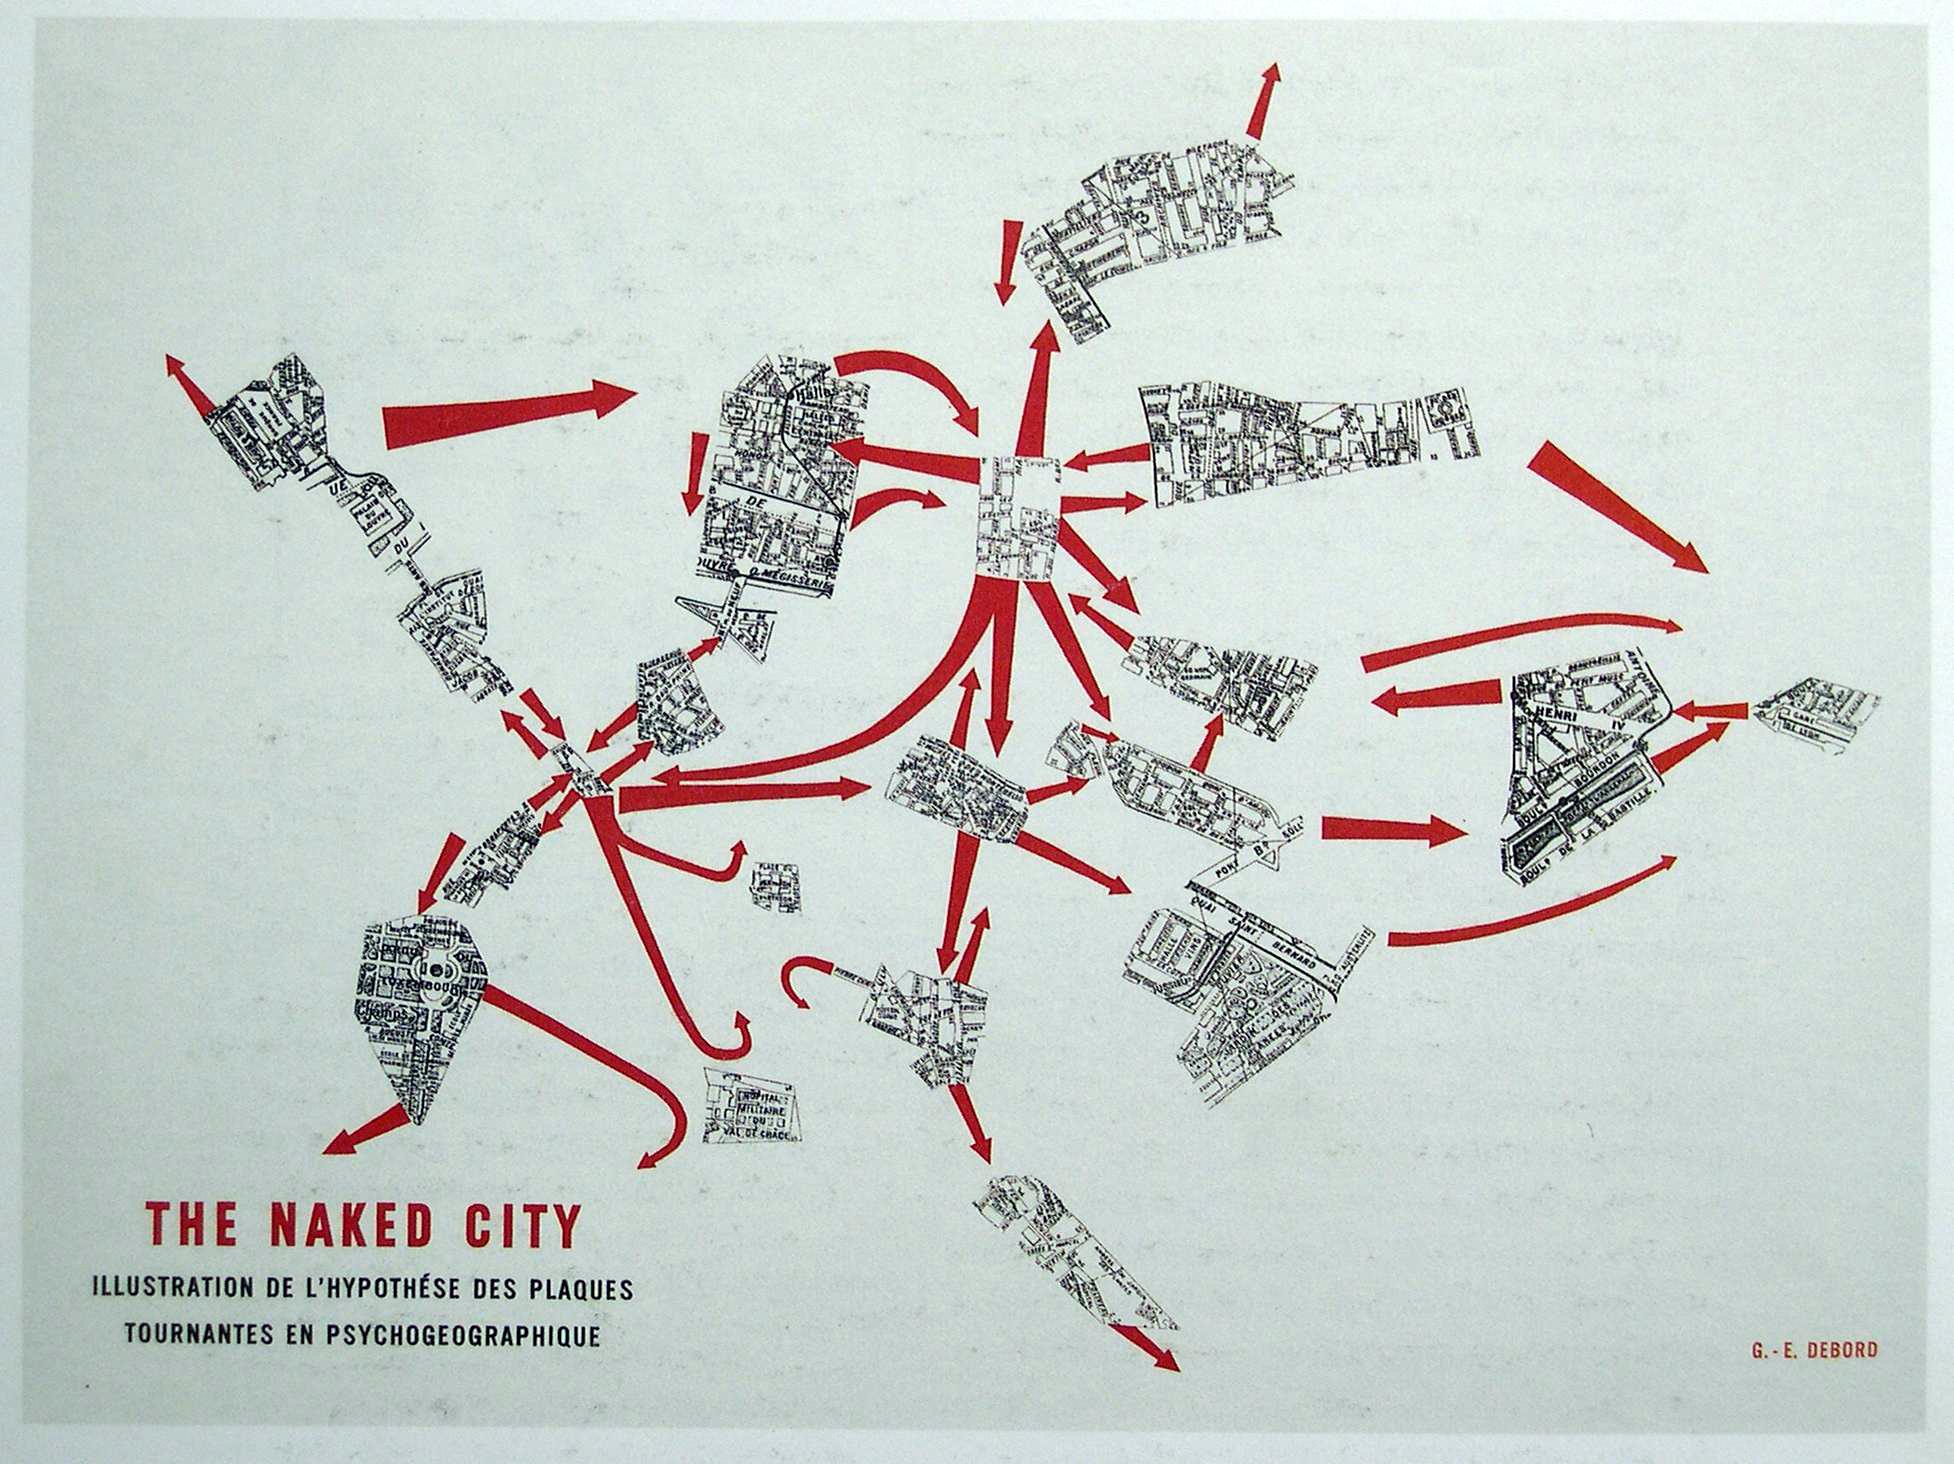 ¿Estudios Urbanos y Ciencias Sociales?: Conoce la revista URBS, The Naked City Cartografía psicogeográfica de París  Guy Debord